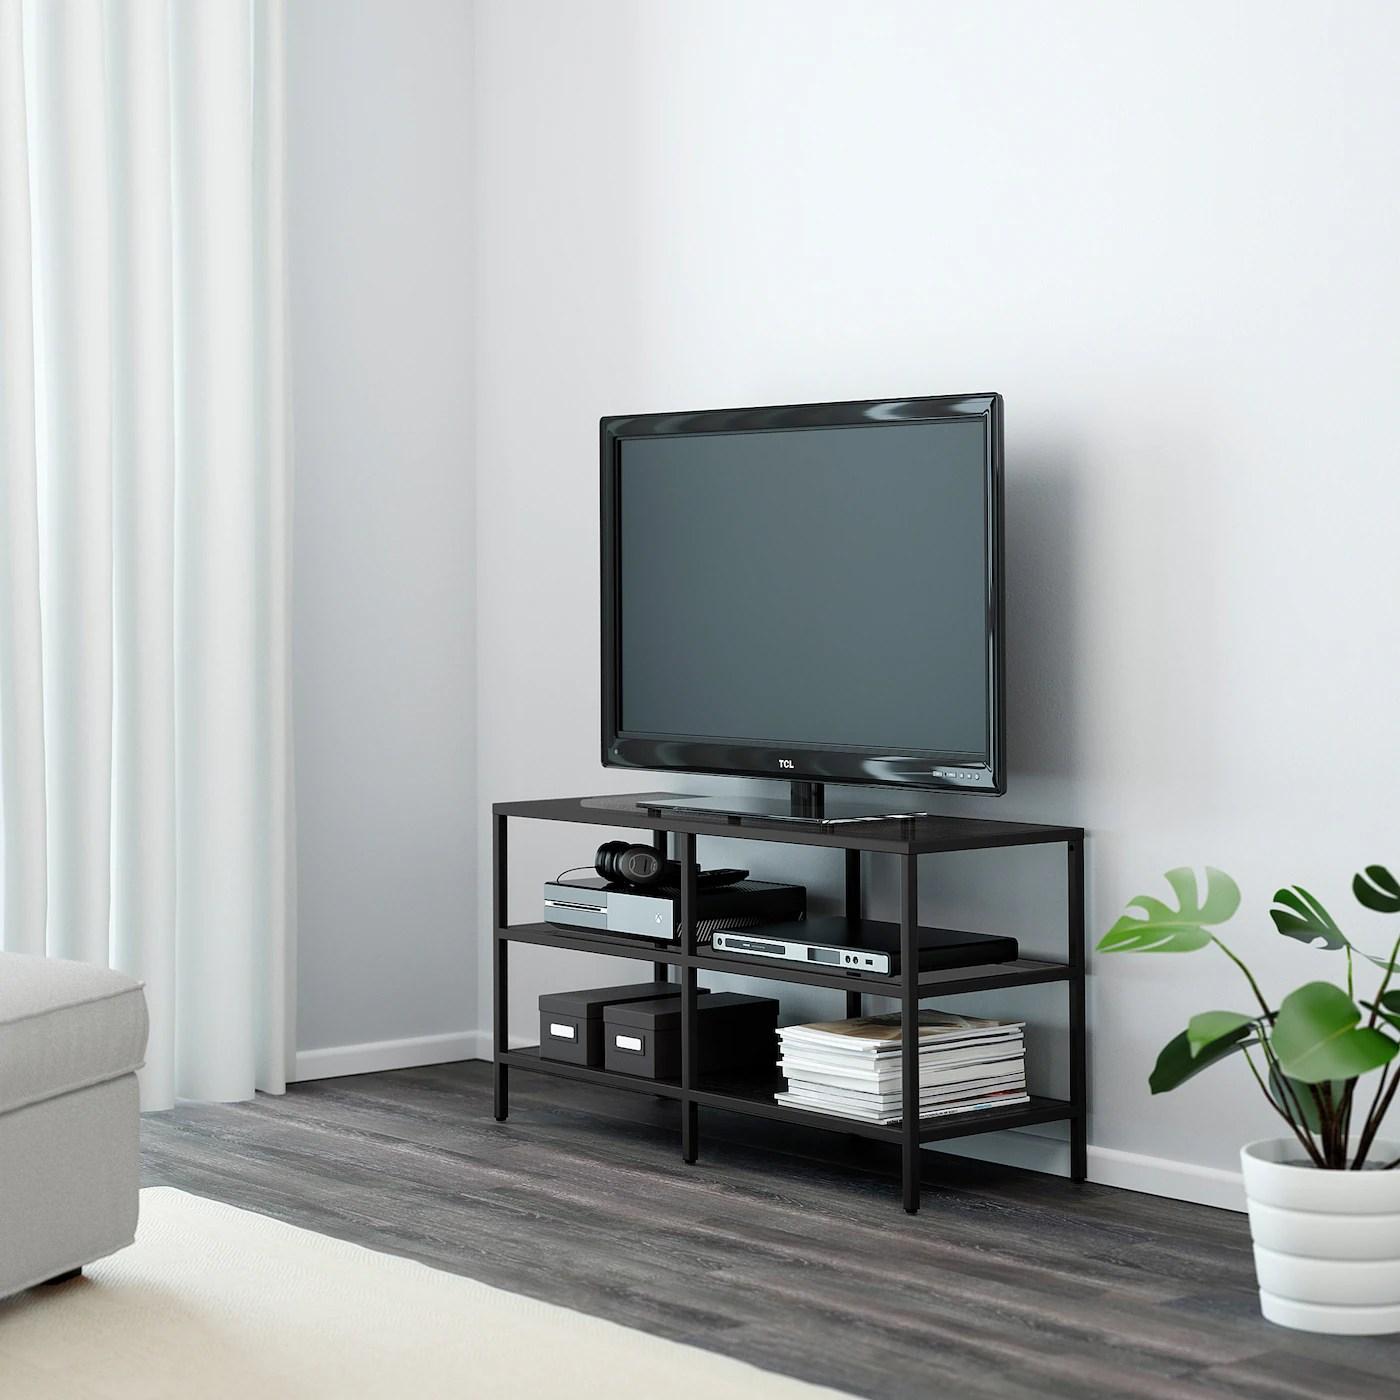 vittsjo banc tv brun noir verre 100x36x53 cm